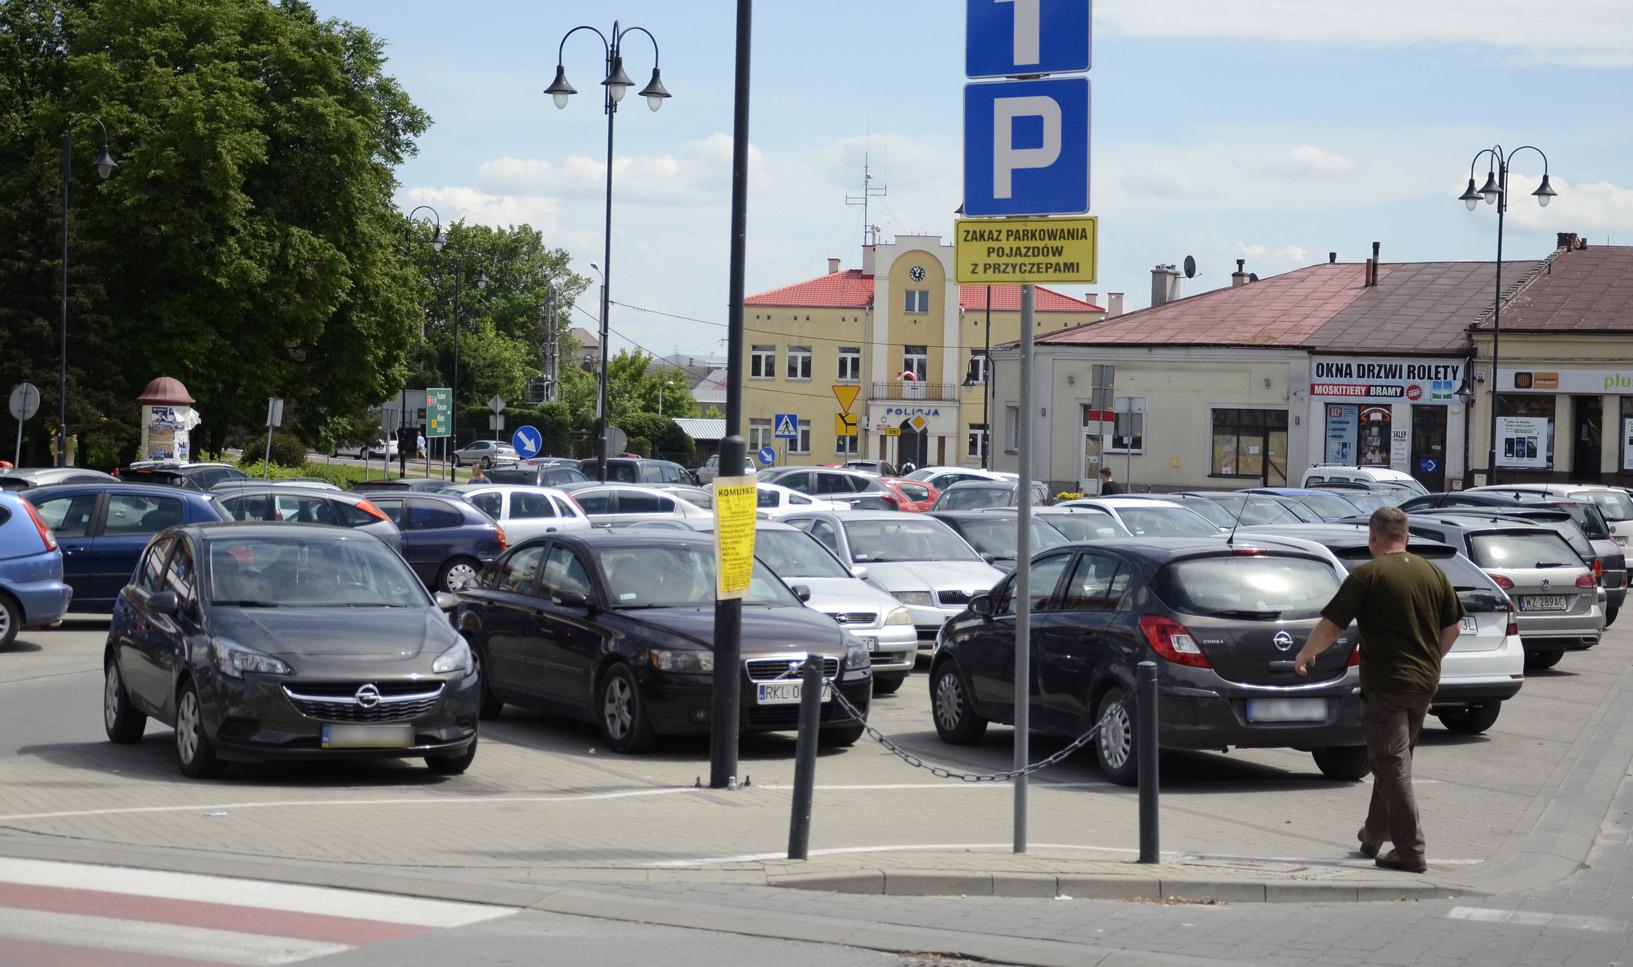 Dlaczego akurat kierowcy jednośladów zwolnieni będą z opłaty? - Zdjęcie główne